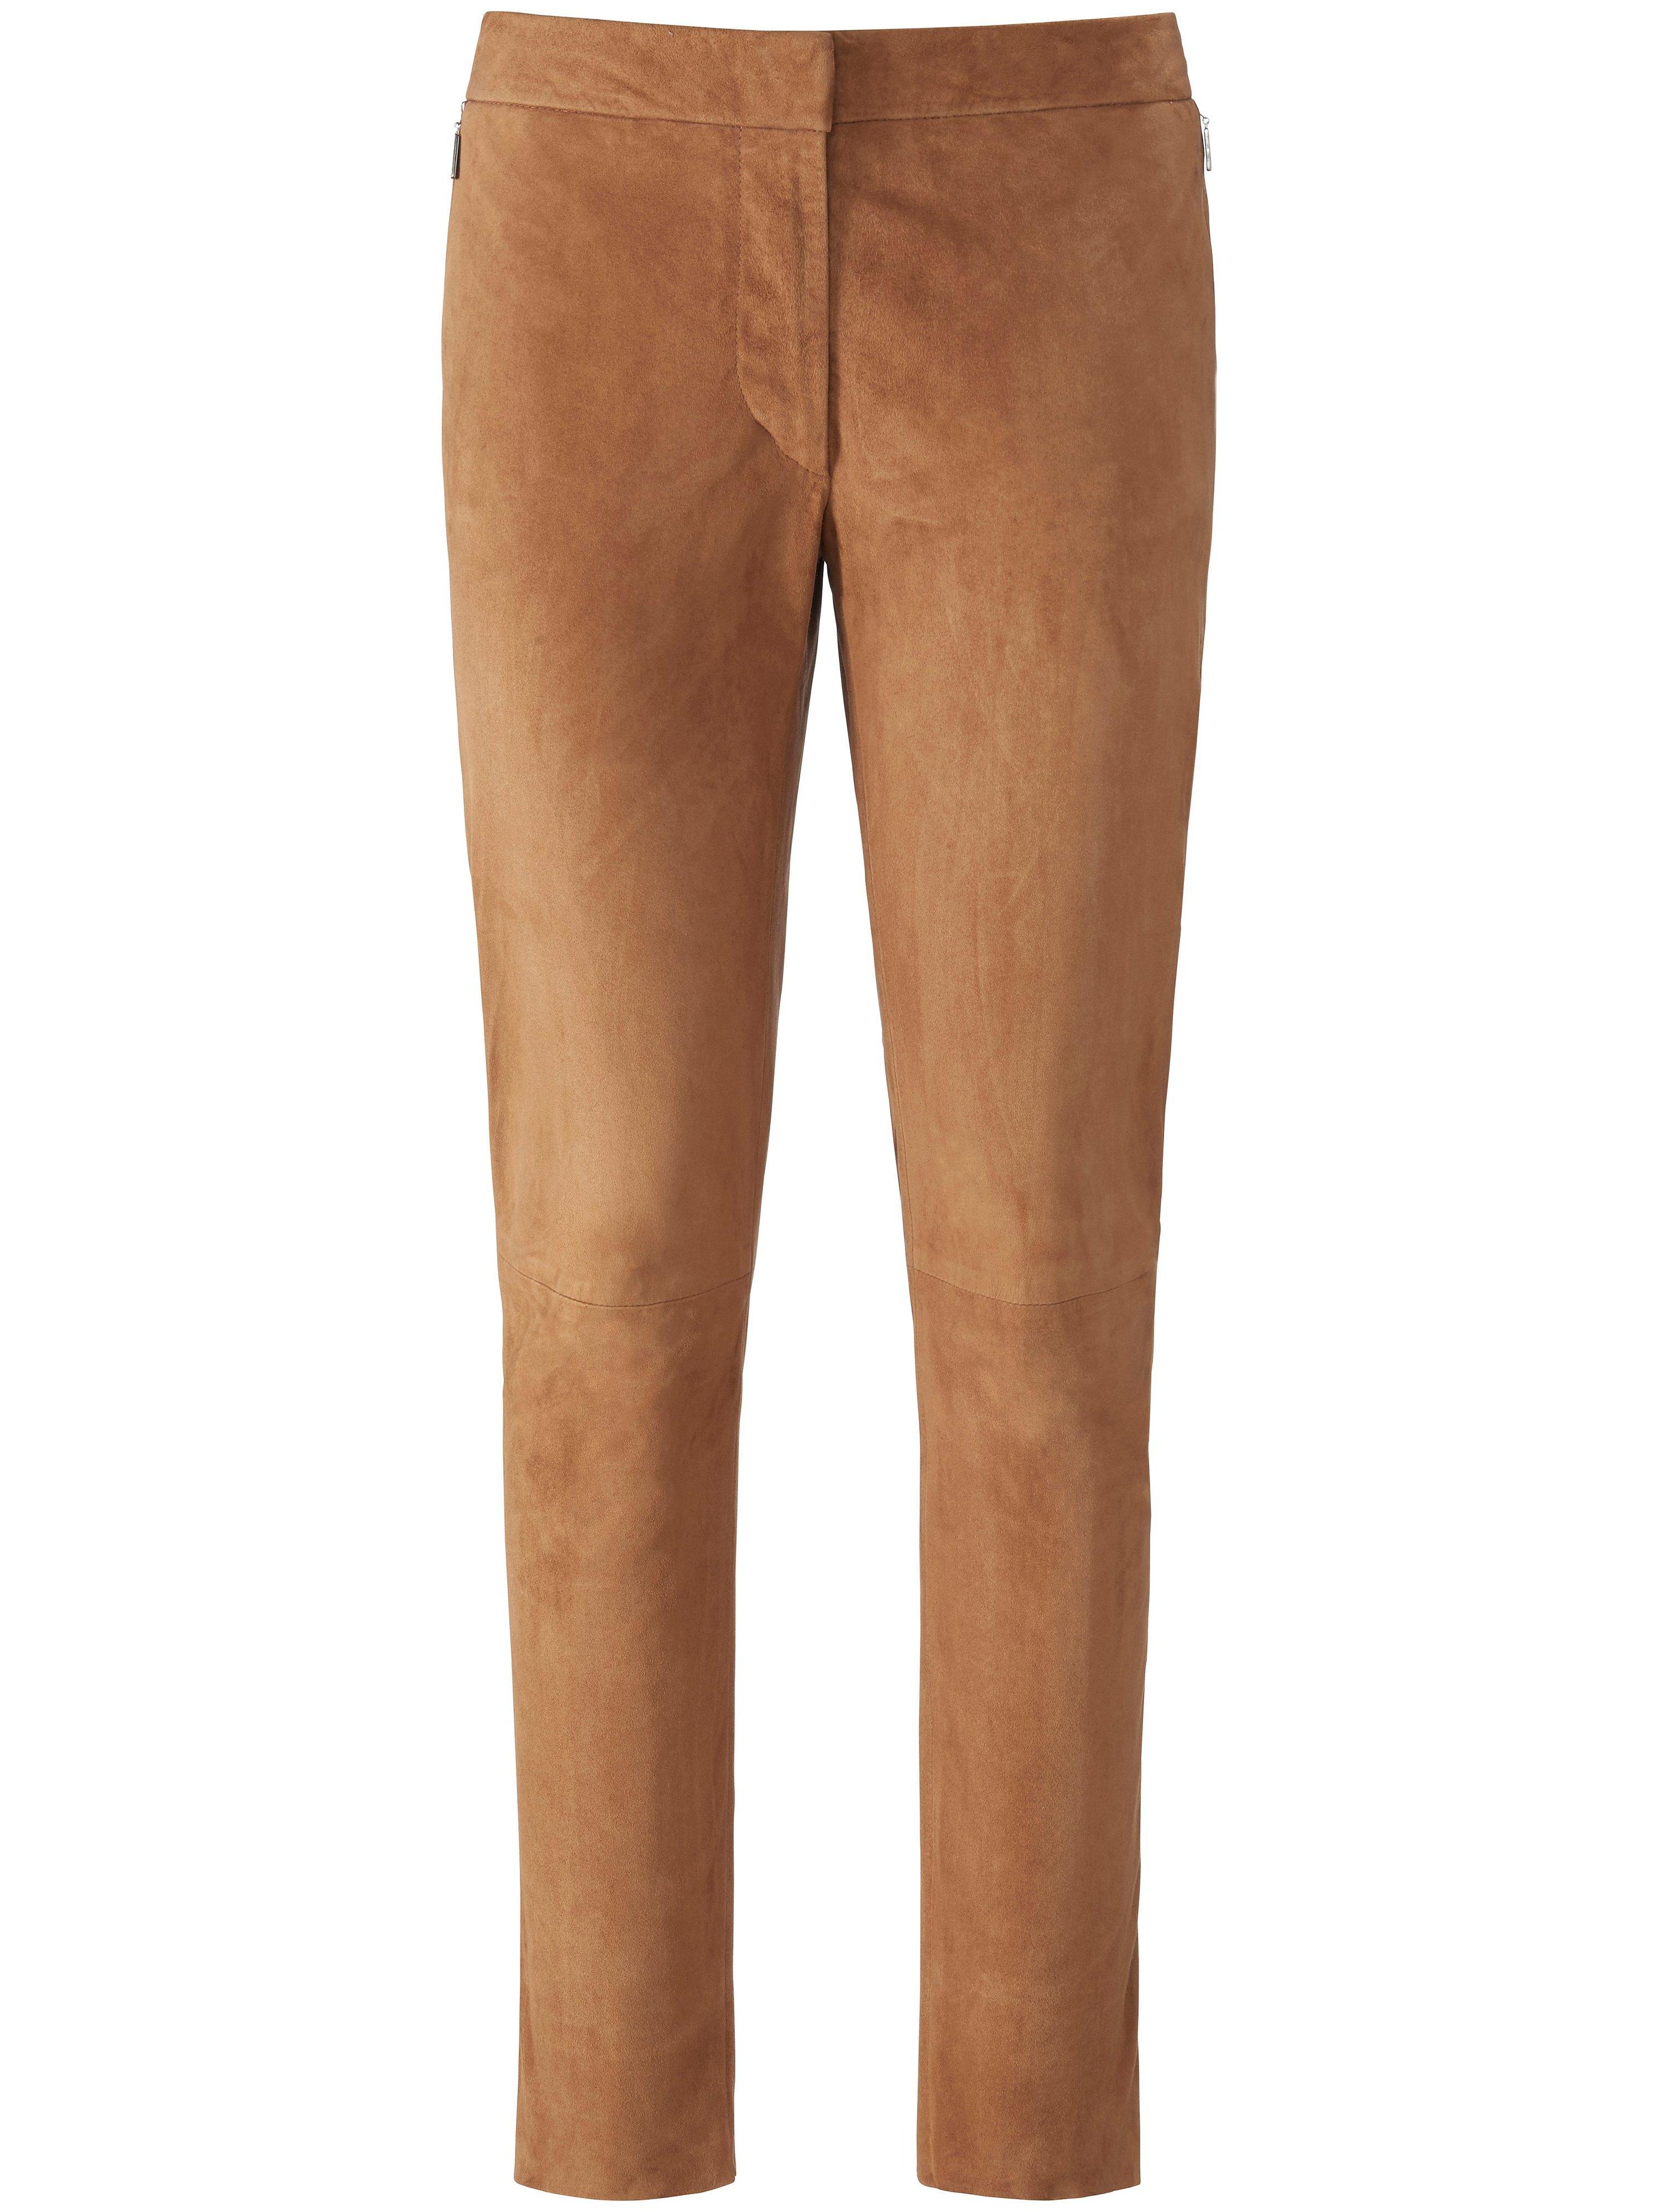 Leren broek in smal model geitensuèdeleer Van Fadenmeister Berlin bruin